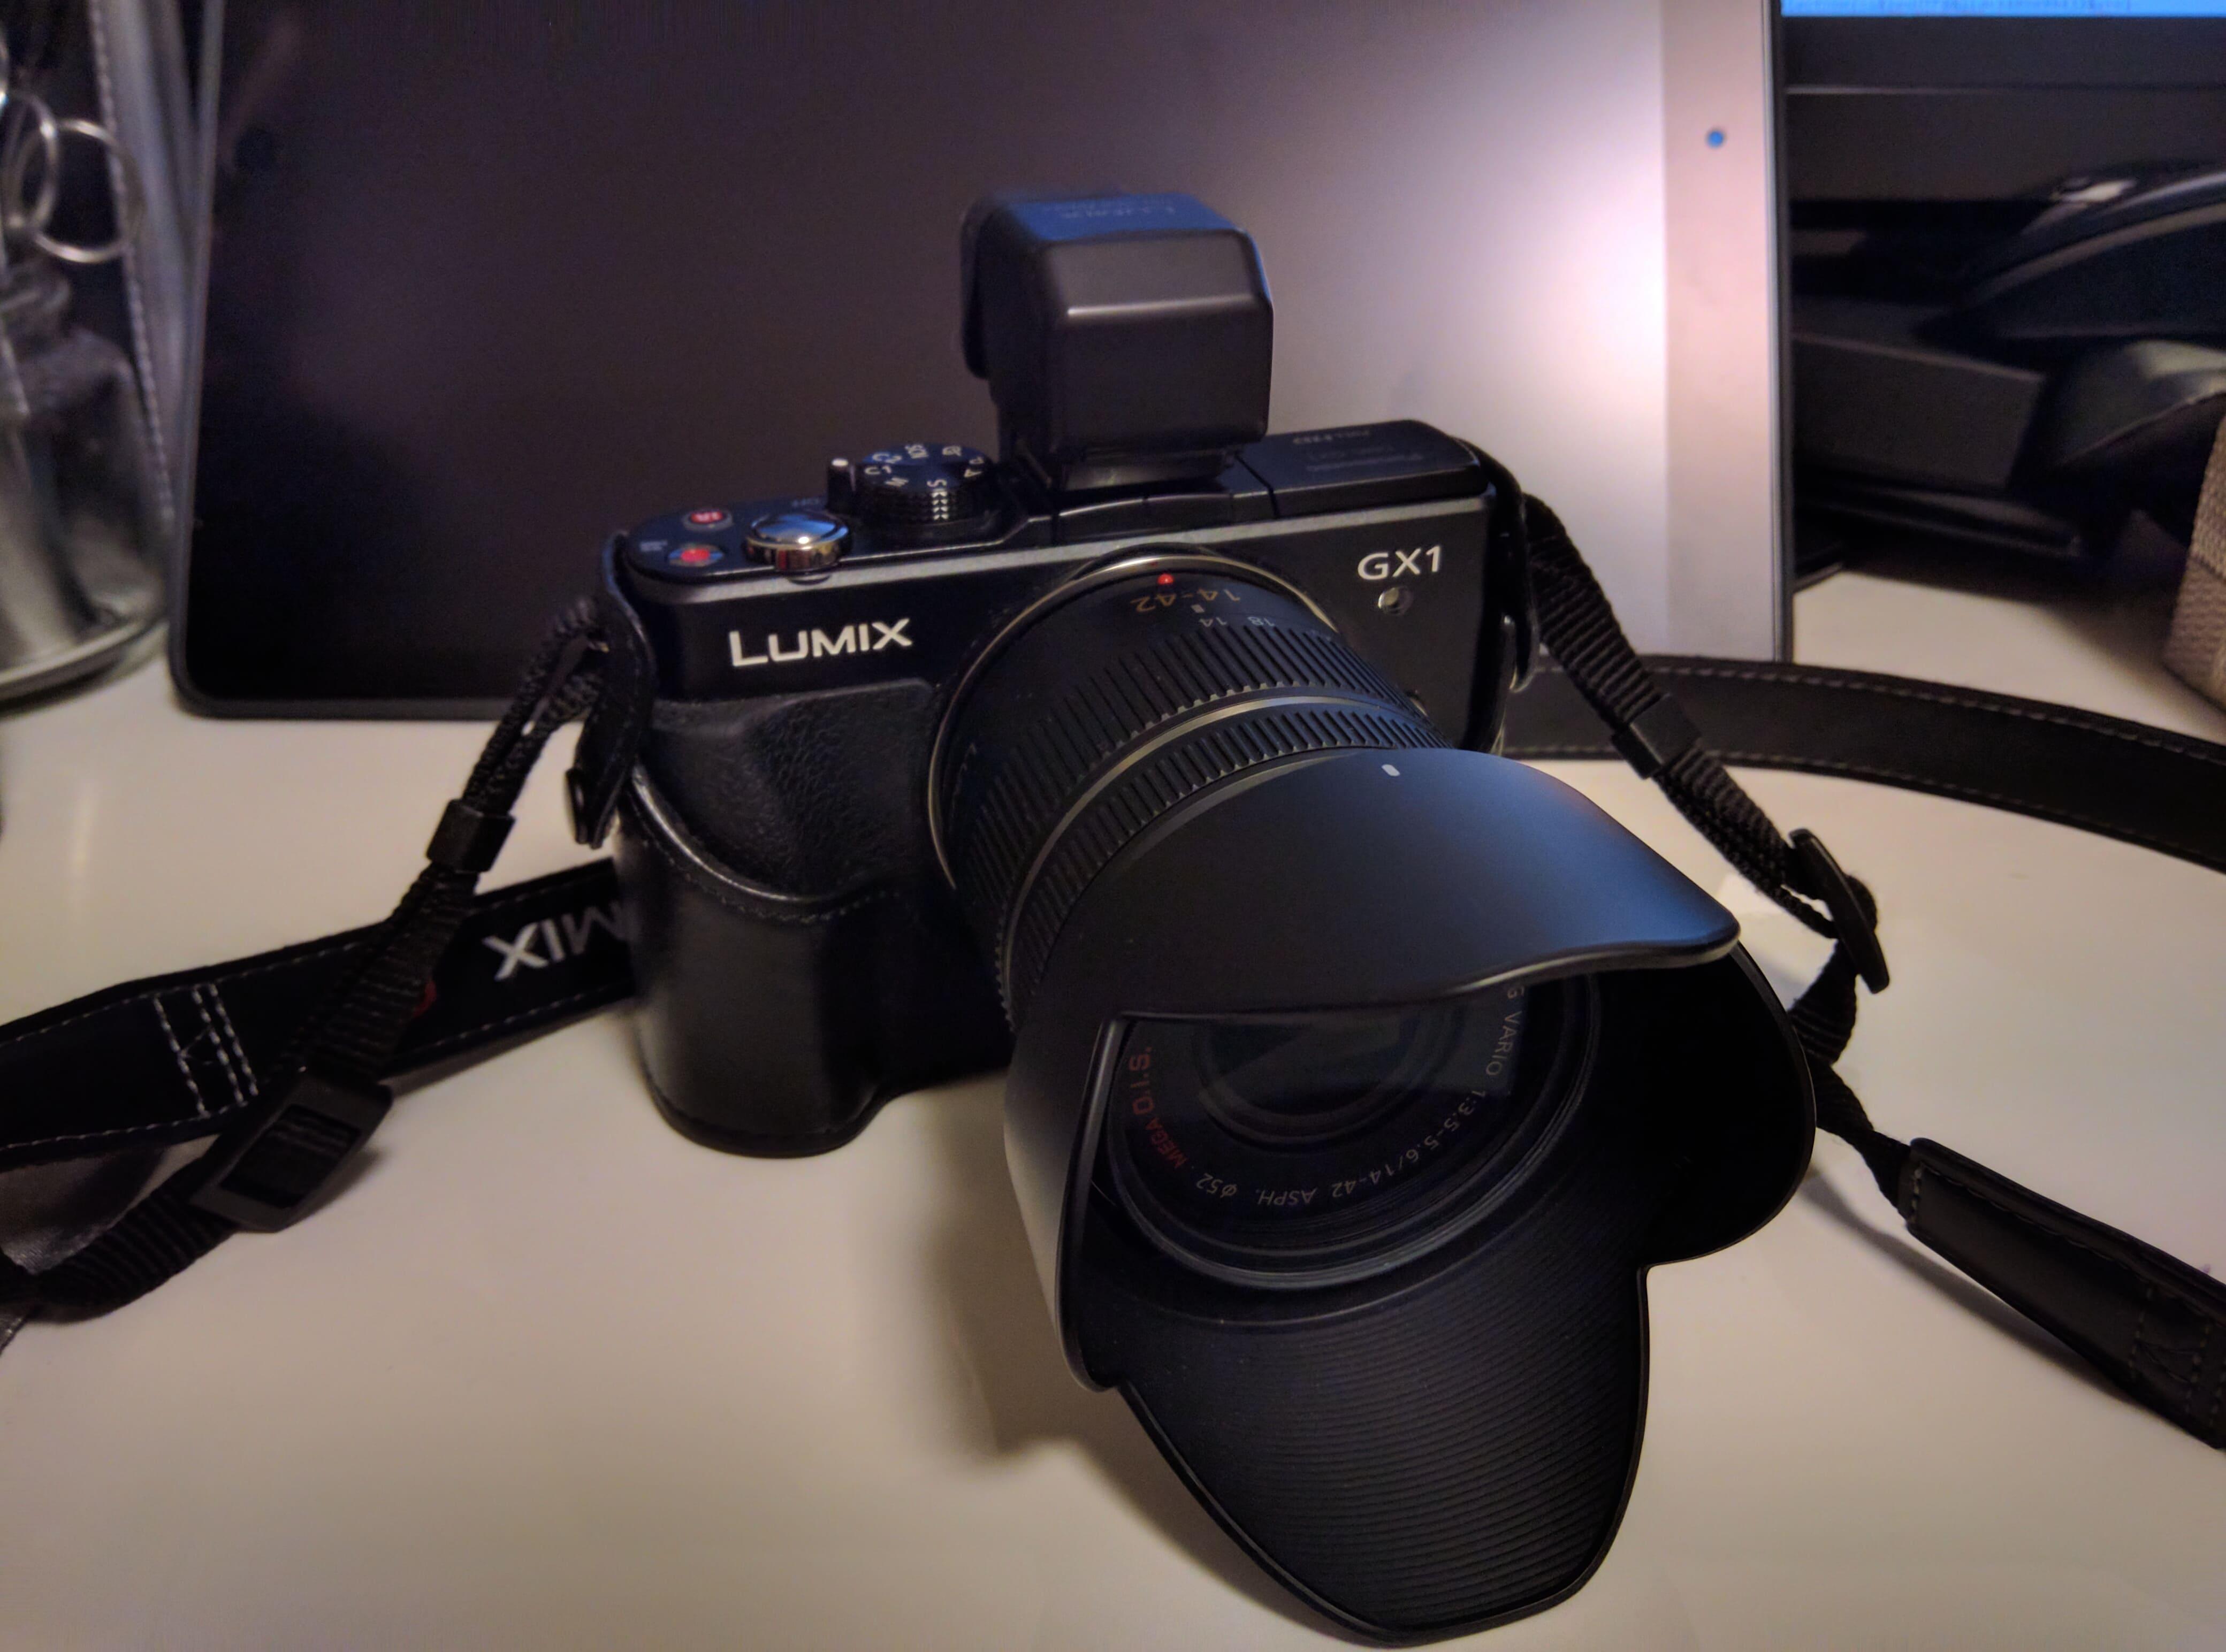 ミラーレスカメラをゲットしました。